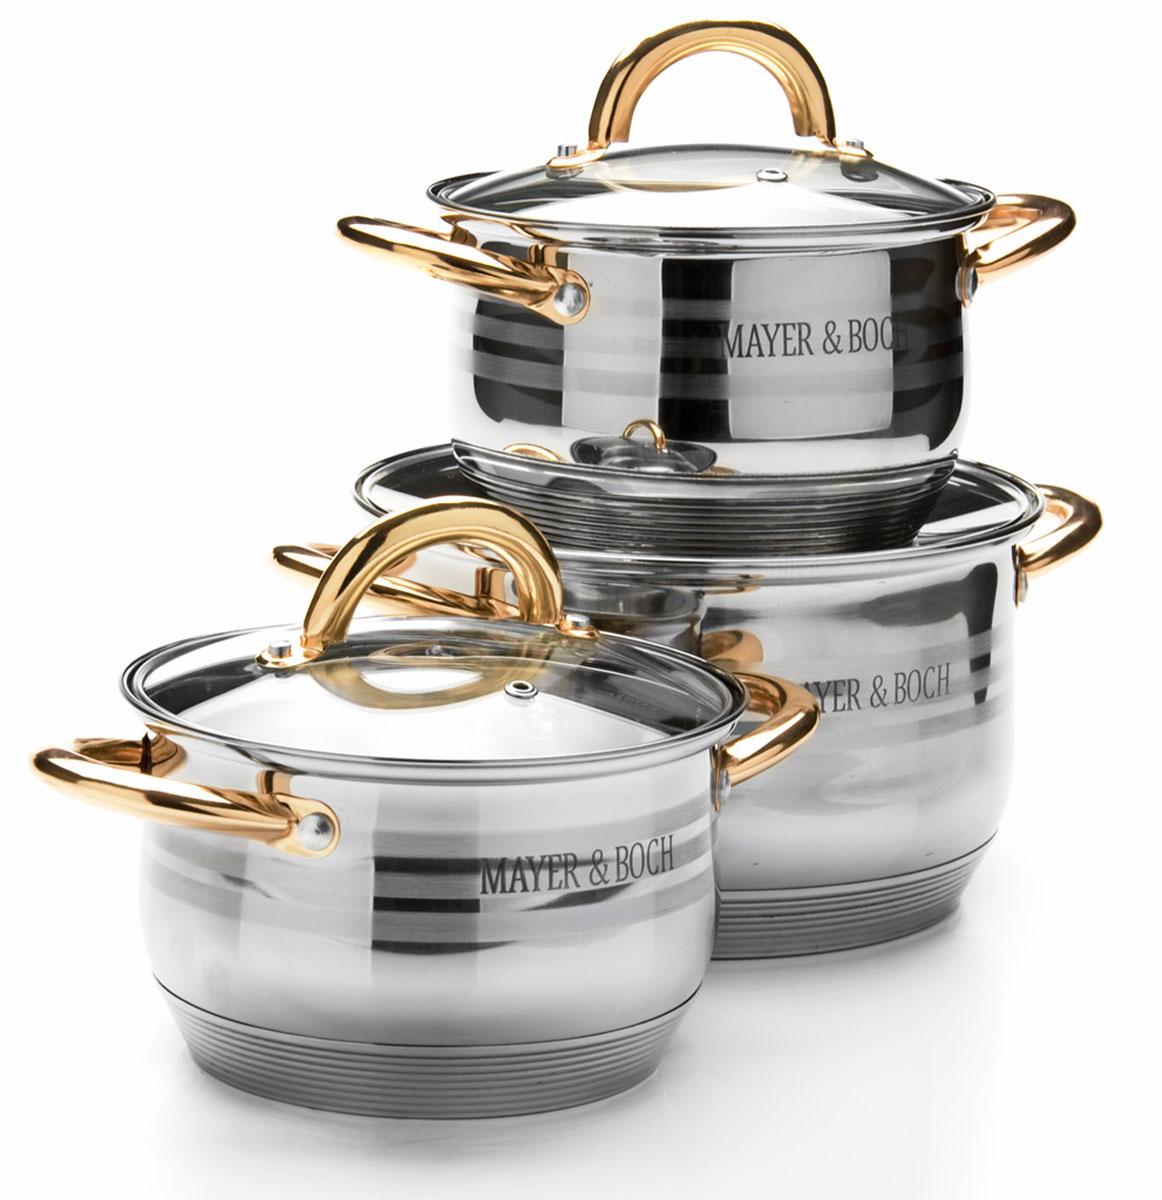 Набор посуды Mayer & Boch, 6 предметов. 256701176-ВН2,1+2,1+3,9л